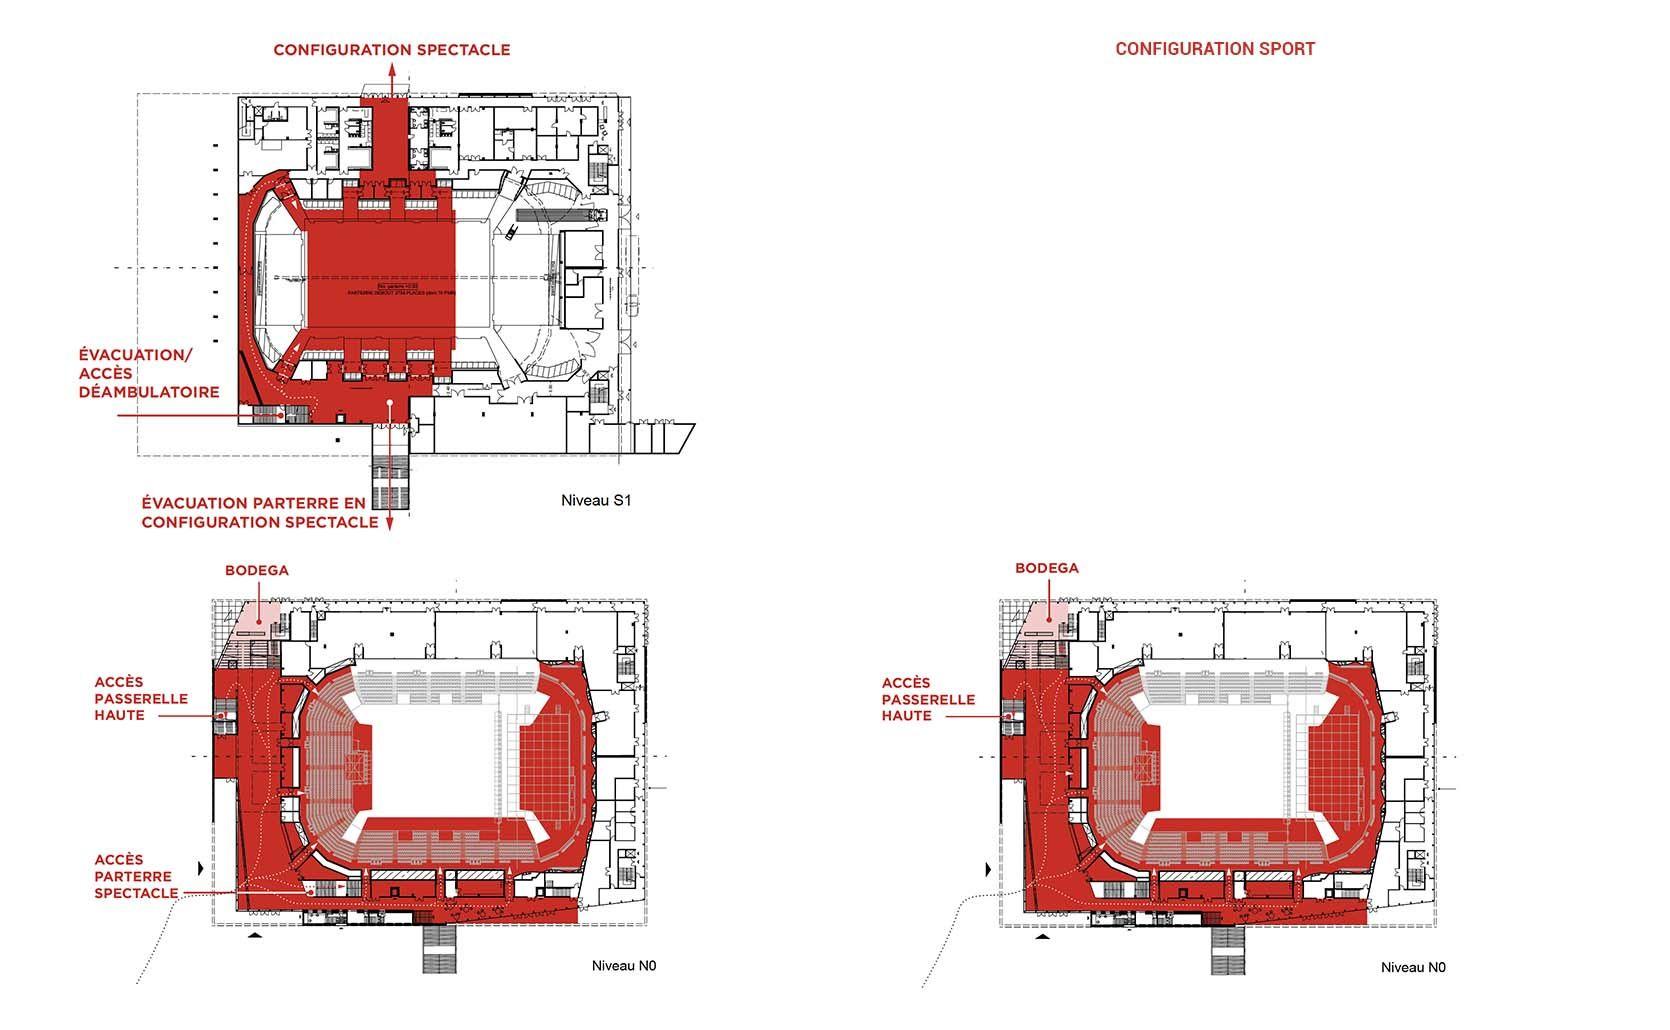 « Arena Futuroscope » grande salle de spectacles et de sports · décembre 2021 - Page 7 Schema-config-plan-2-1670x1030px-resultat